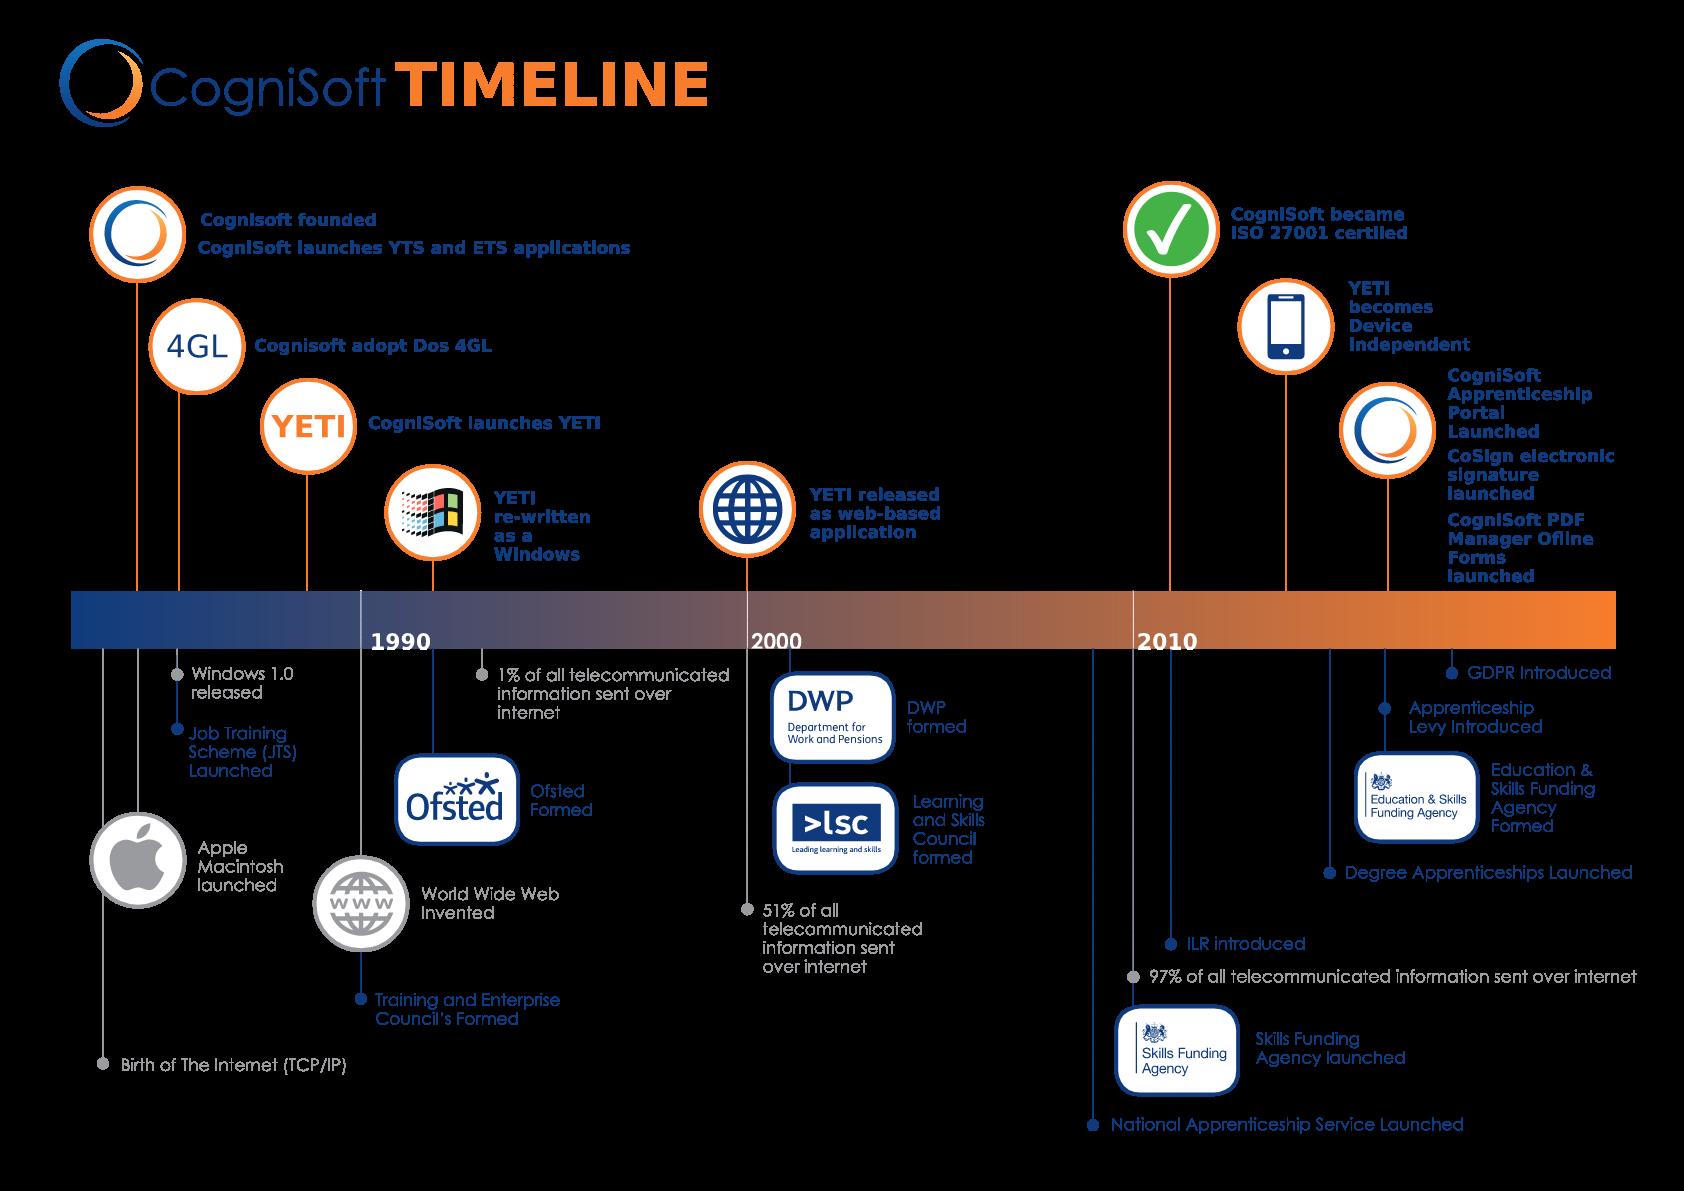 cognisoft's timeline